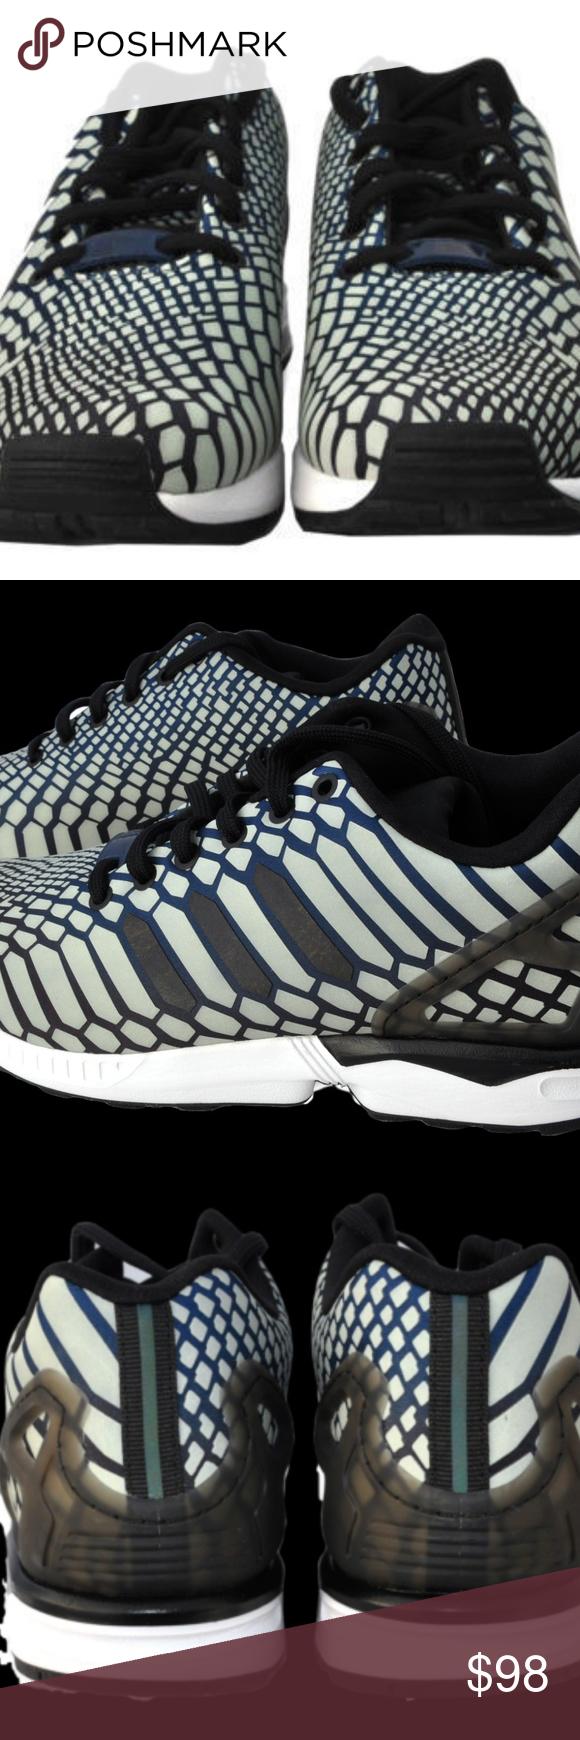 best website b6a76 f4a88 Reflective Adidas ZX Flux AQ4534 Running Shoes Reflective ...